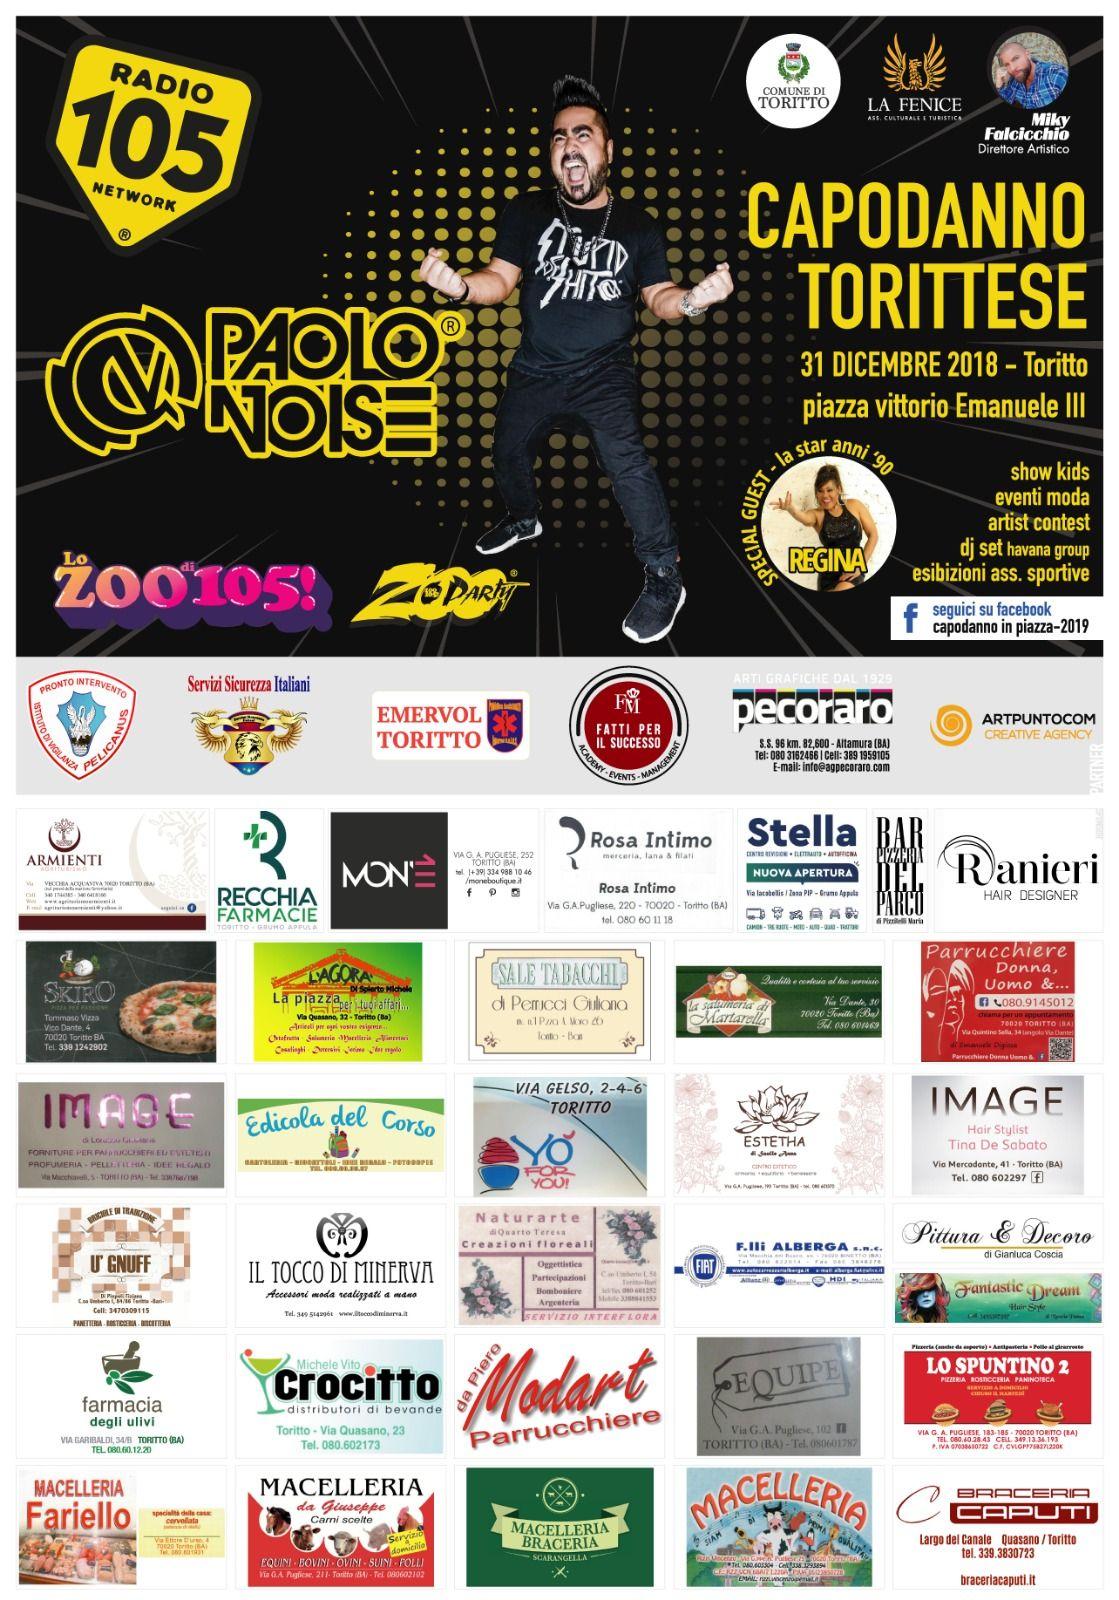 Puglia, Capodanno 2019 a Toritto con tanta musica e divertimento: Paolo Noise e Regina special guest